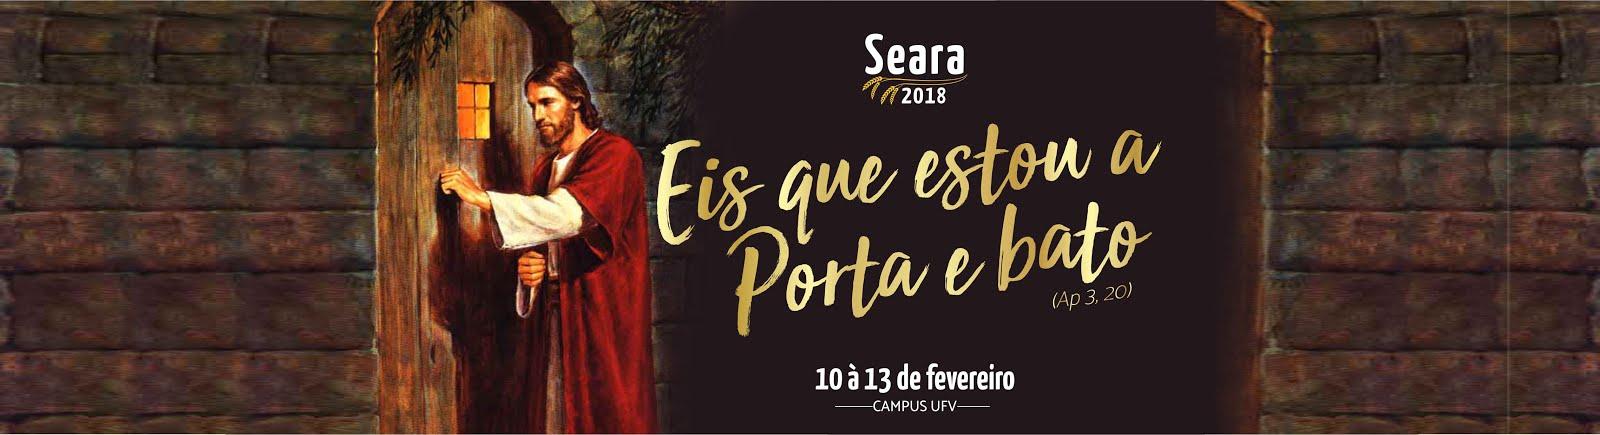 Seara 2018